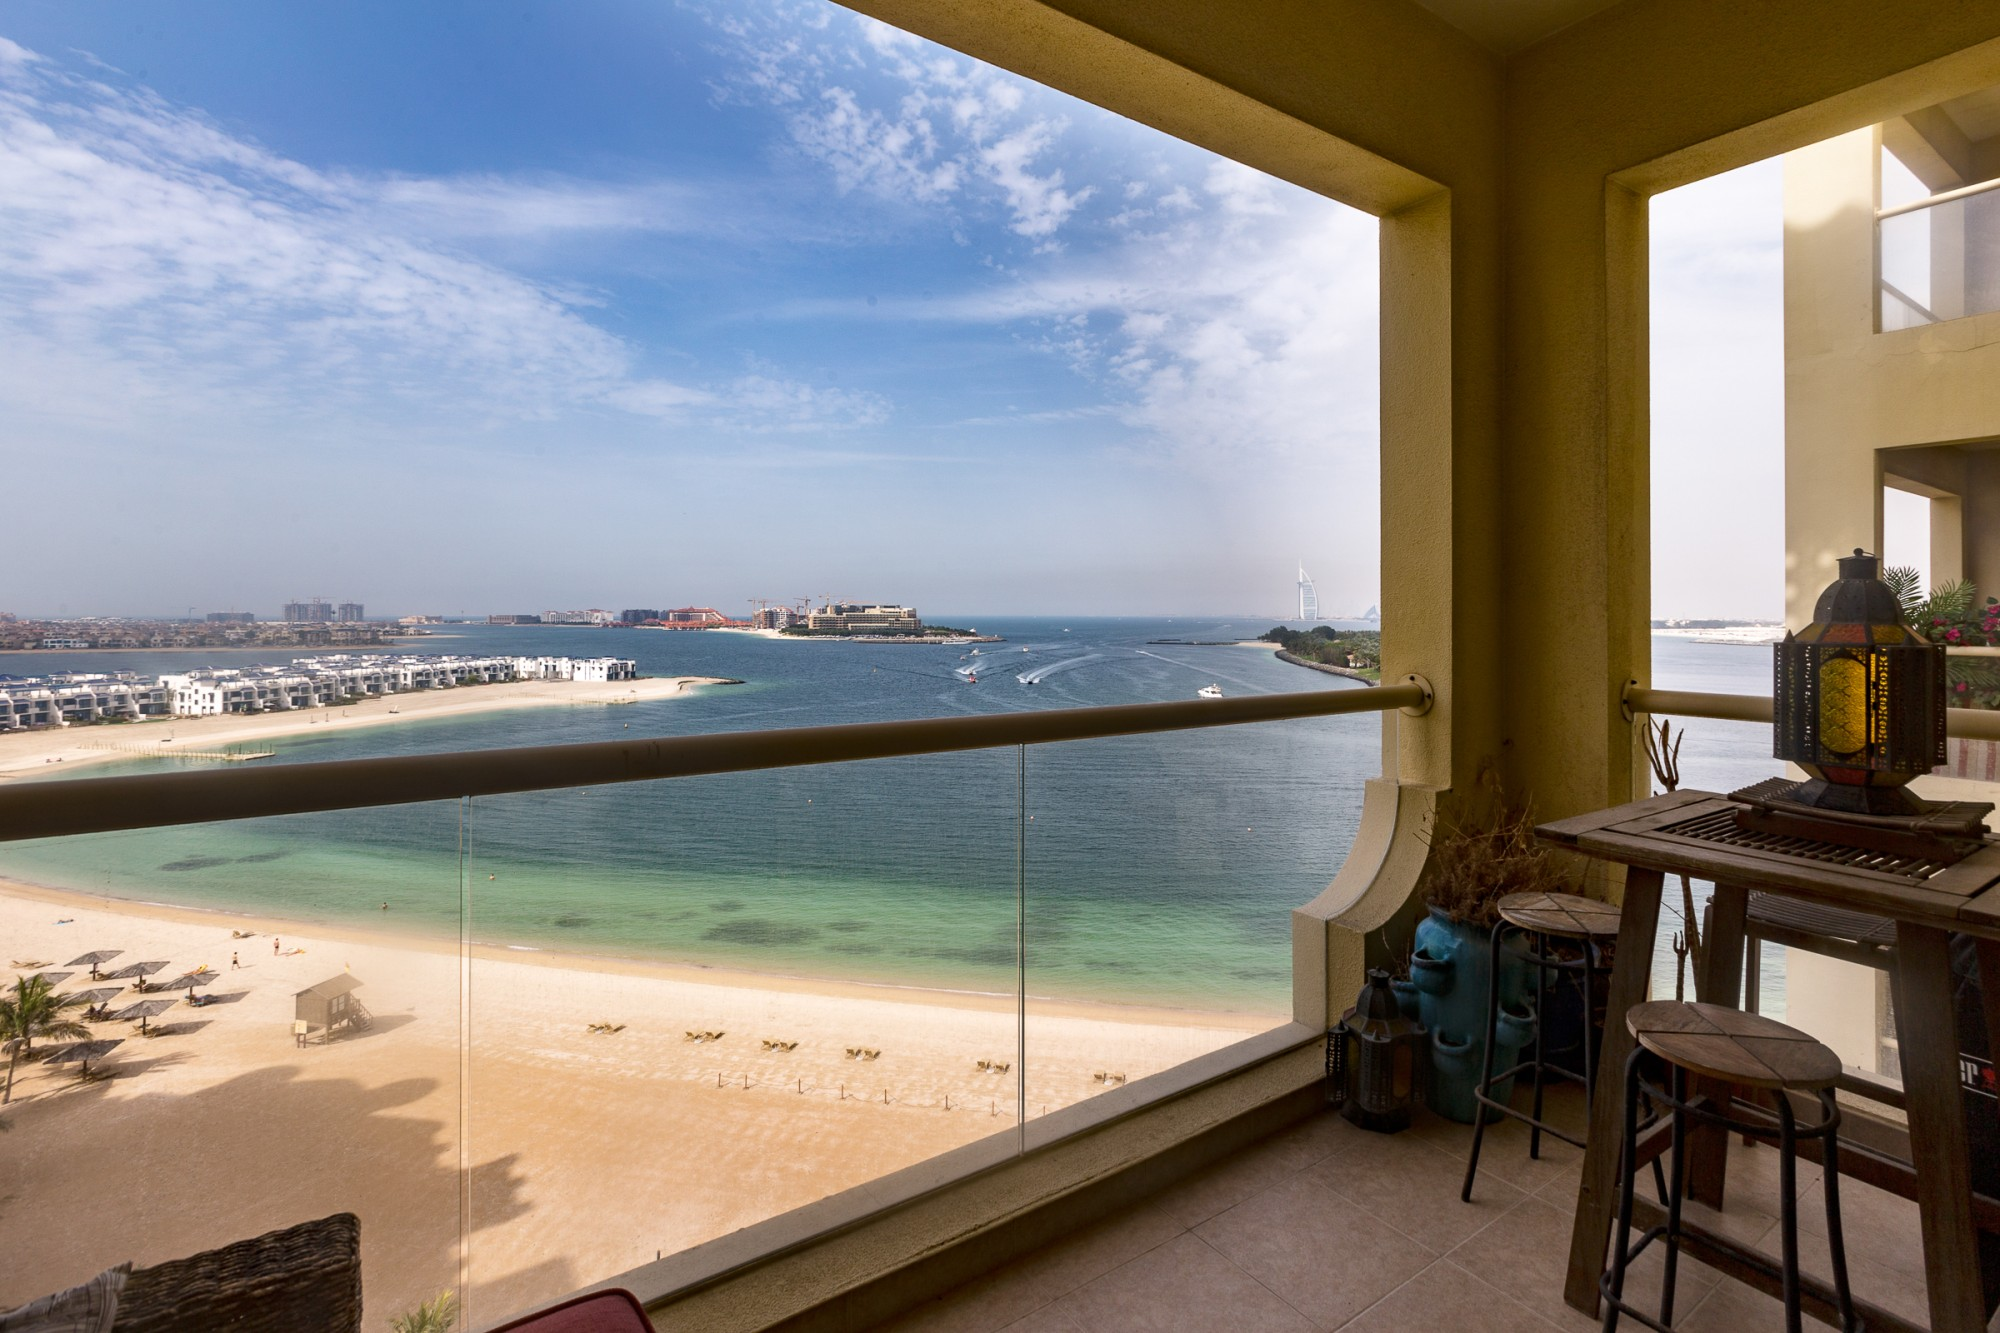 1 Bedroom | High Floor | Full Sea View | Vacant